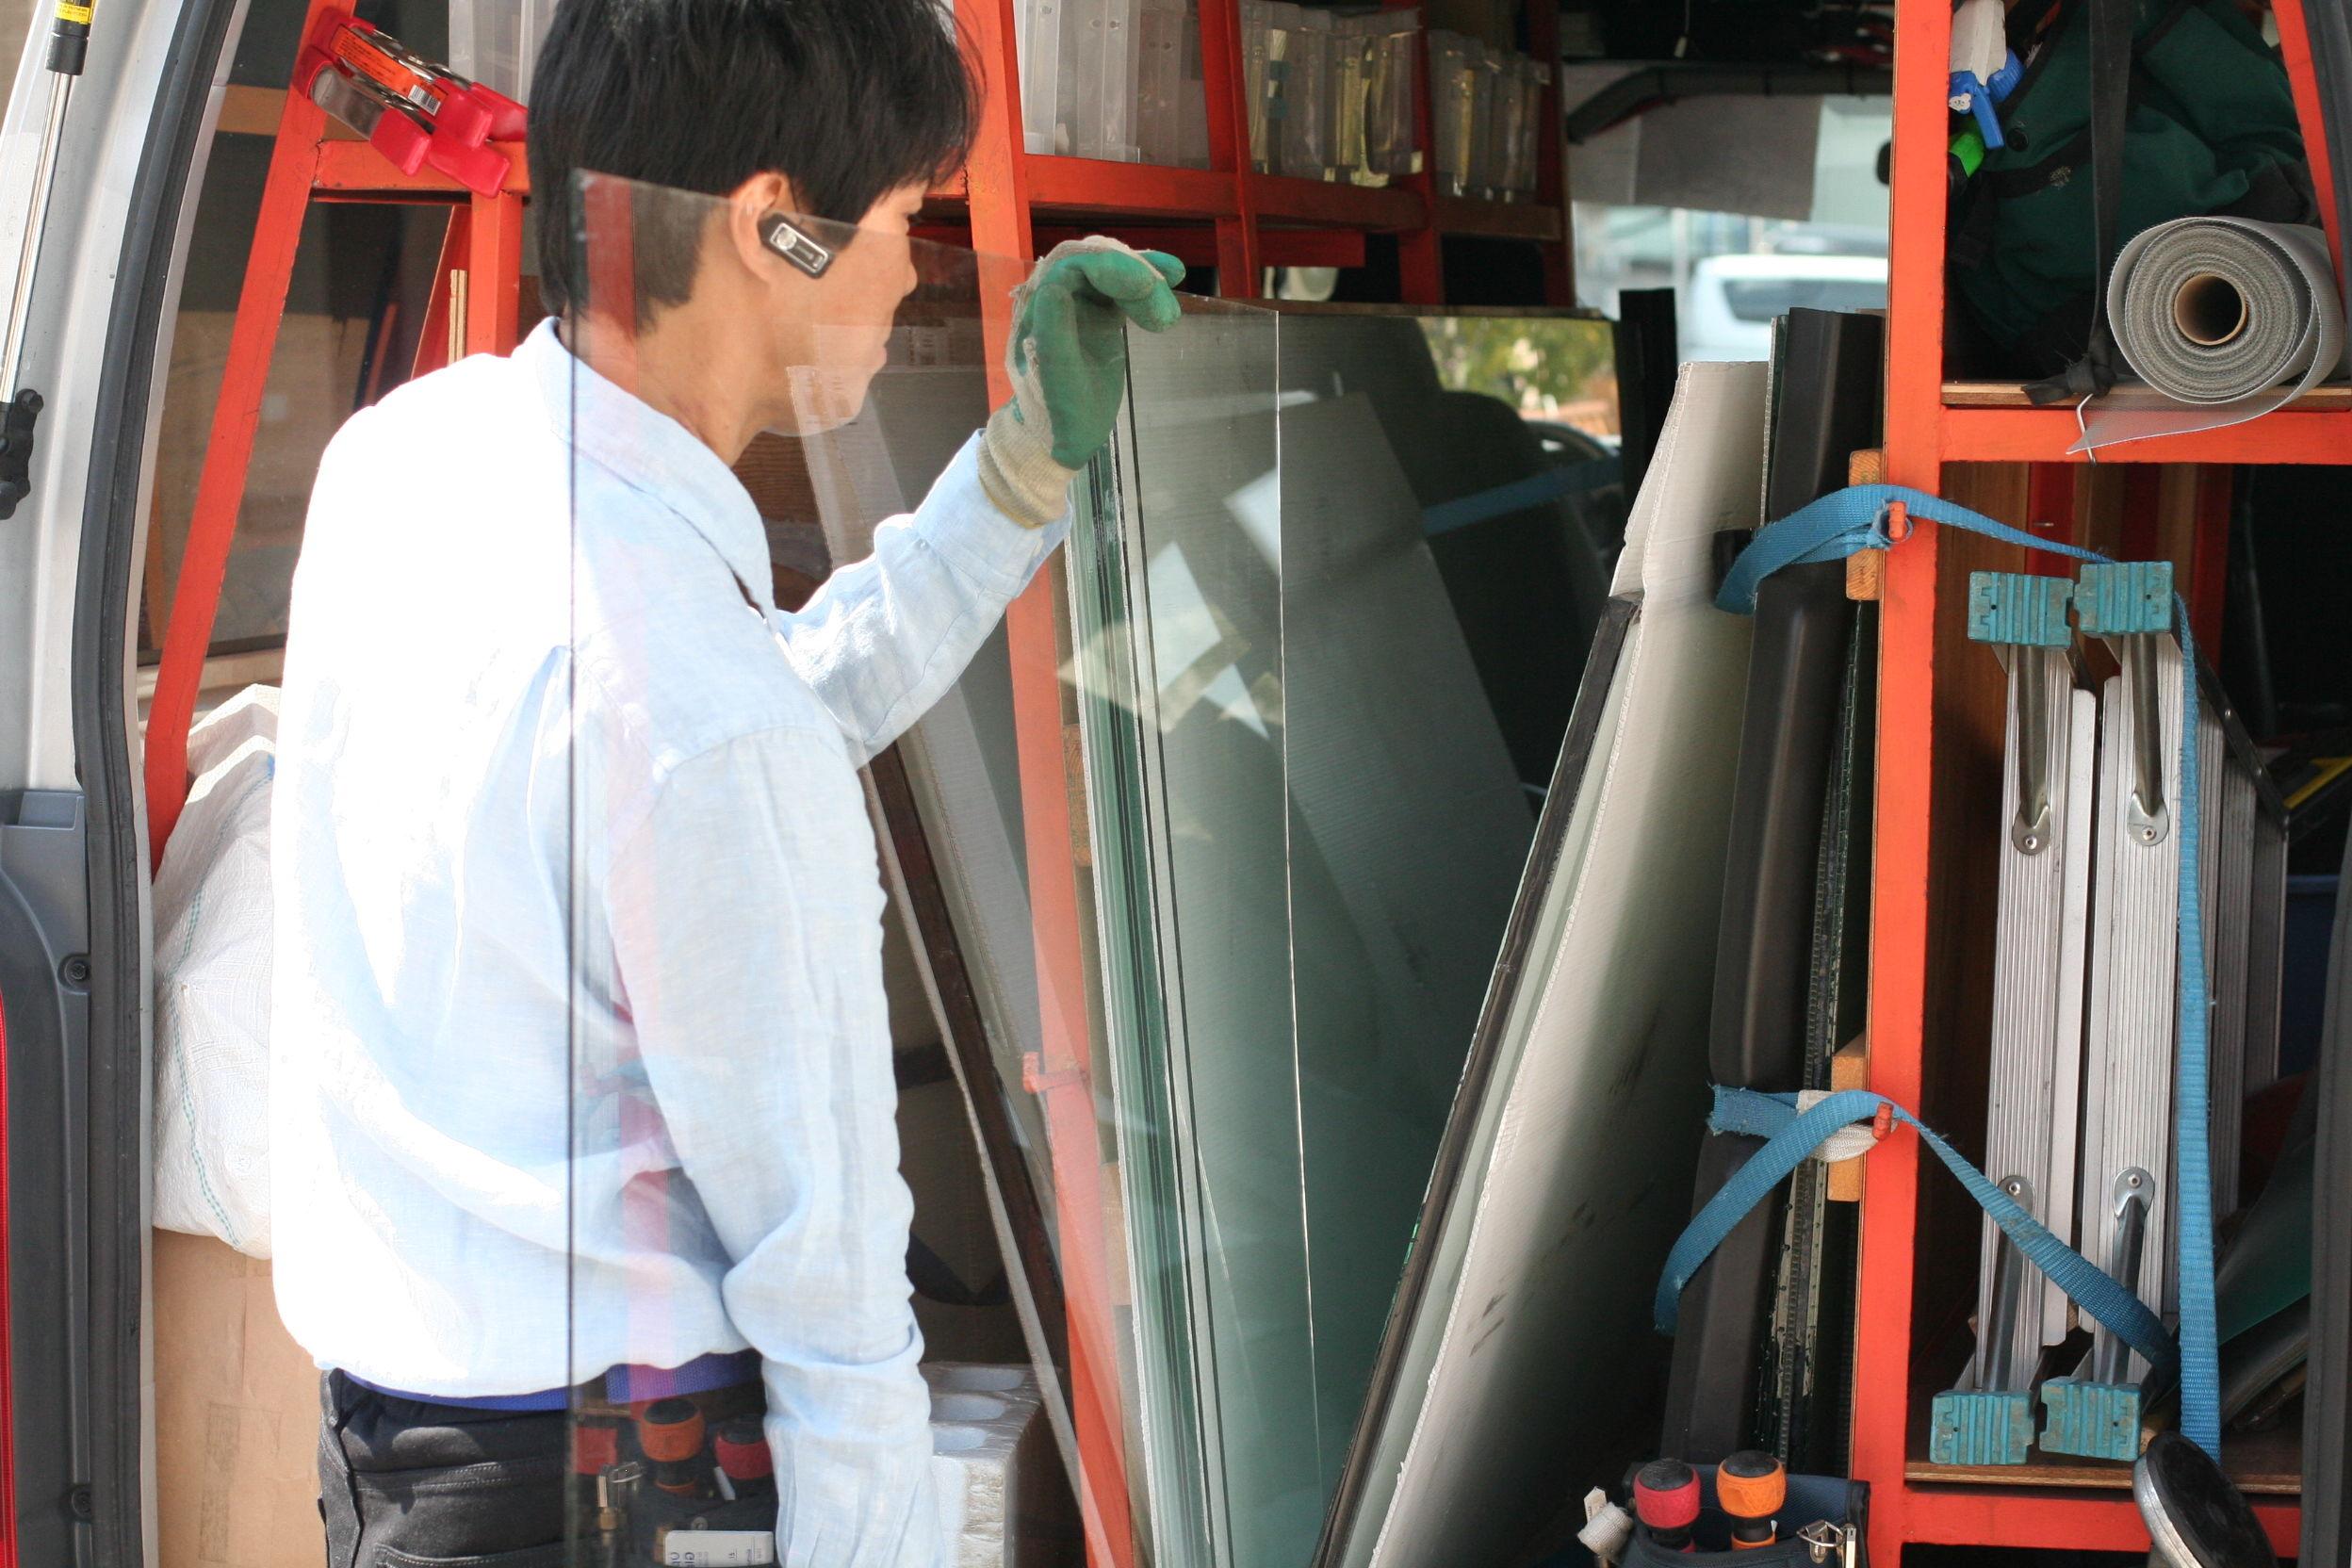 ガラスのトラブル救Q隊.24【横浜市神奈川区 出張エリア】の店内・外観画像4